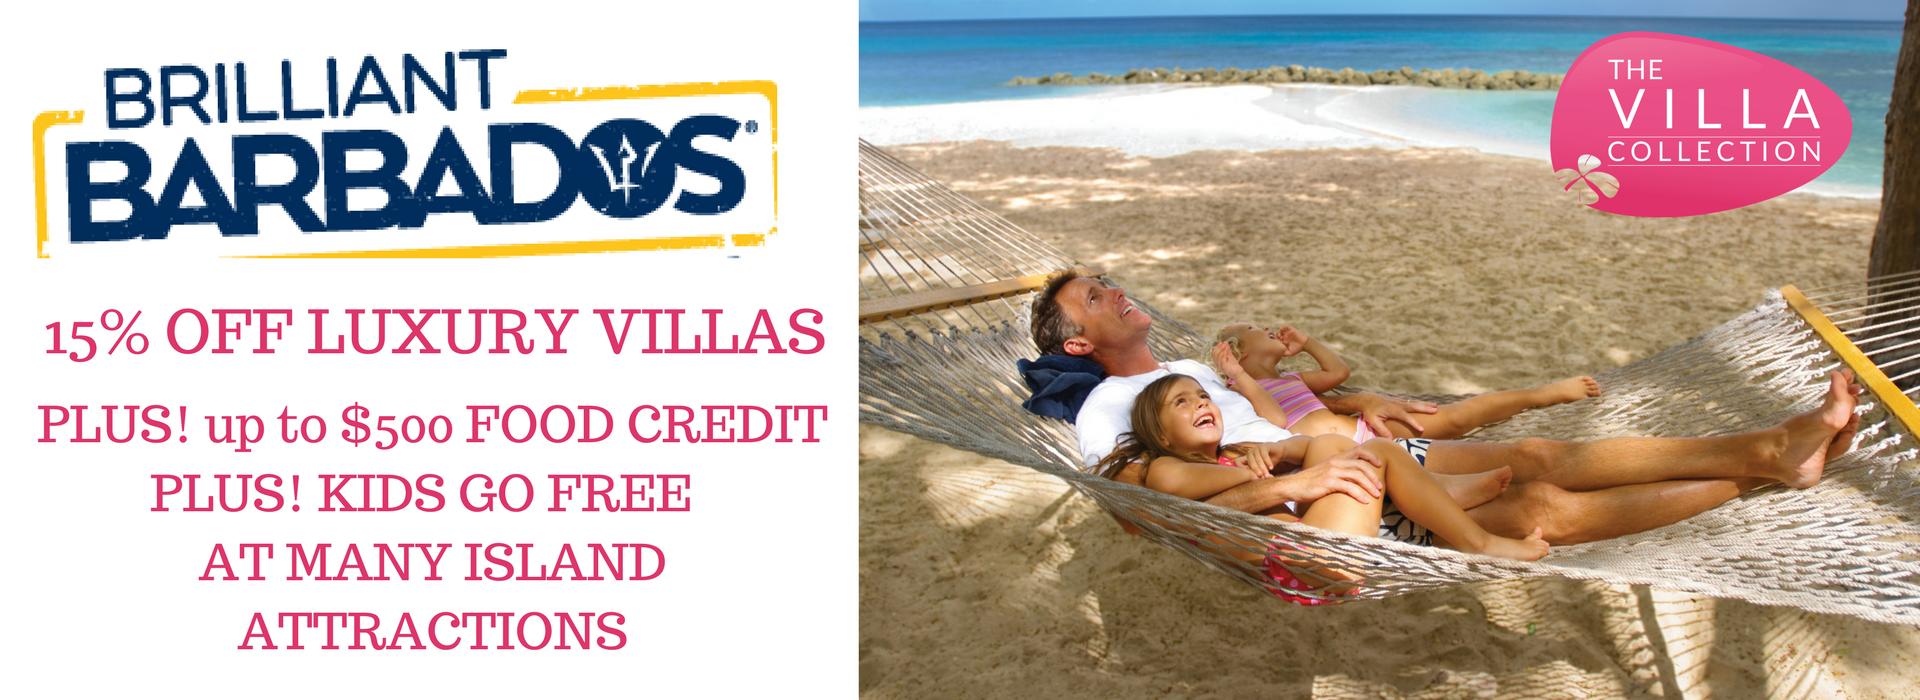 Brilliant Barbados – Luxury Villas